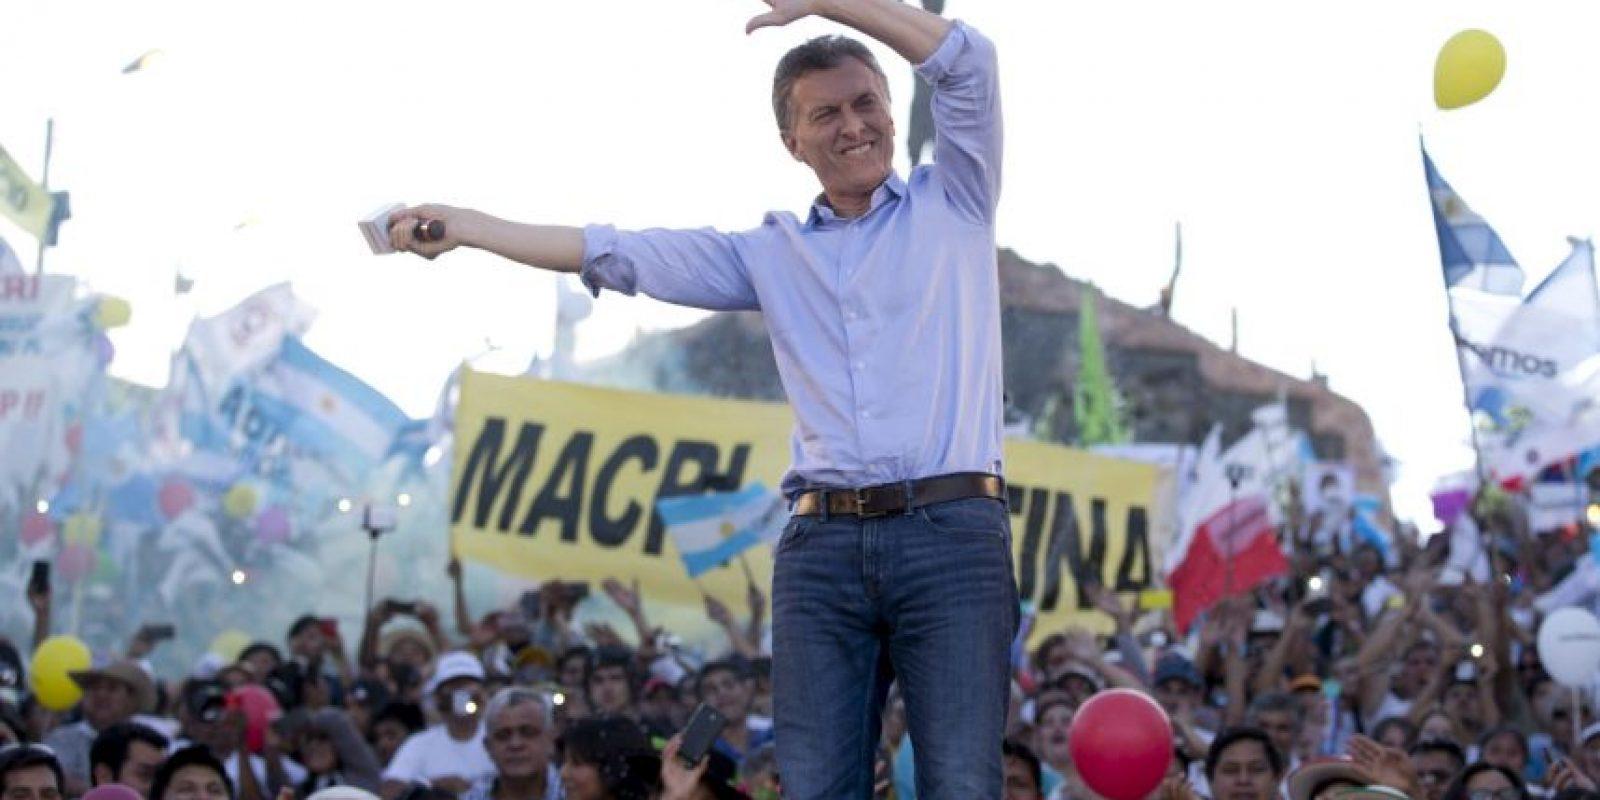 Y Mauricio Macri de la alianza conservadora Cambiemos Foto:AP